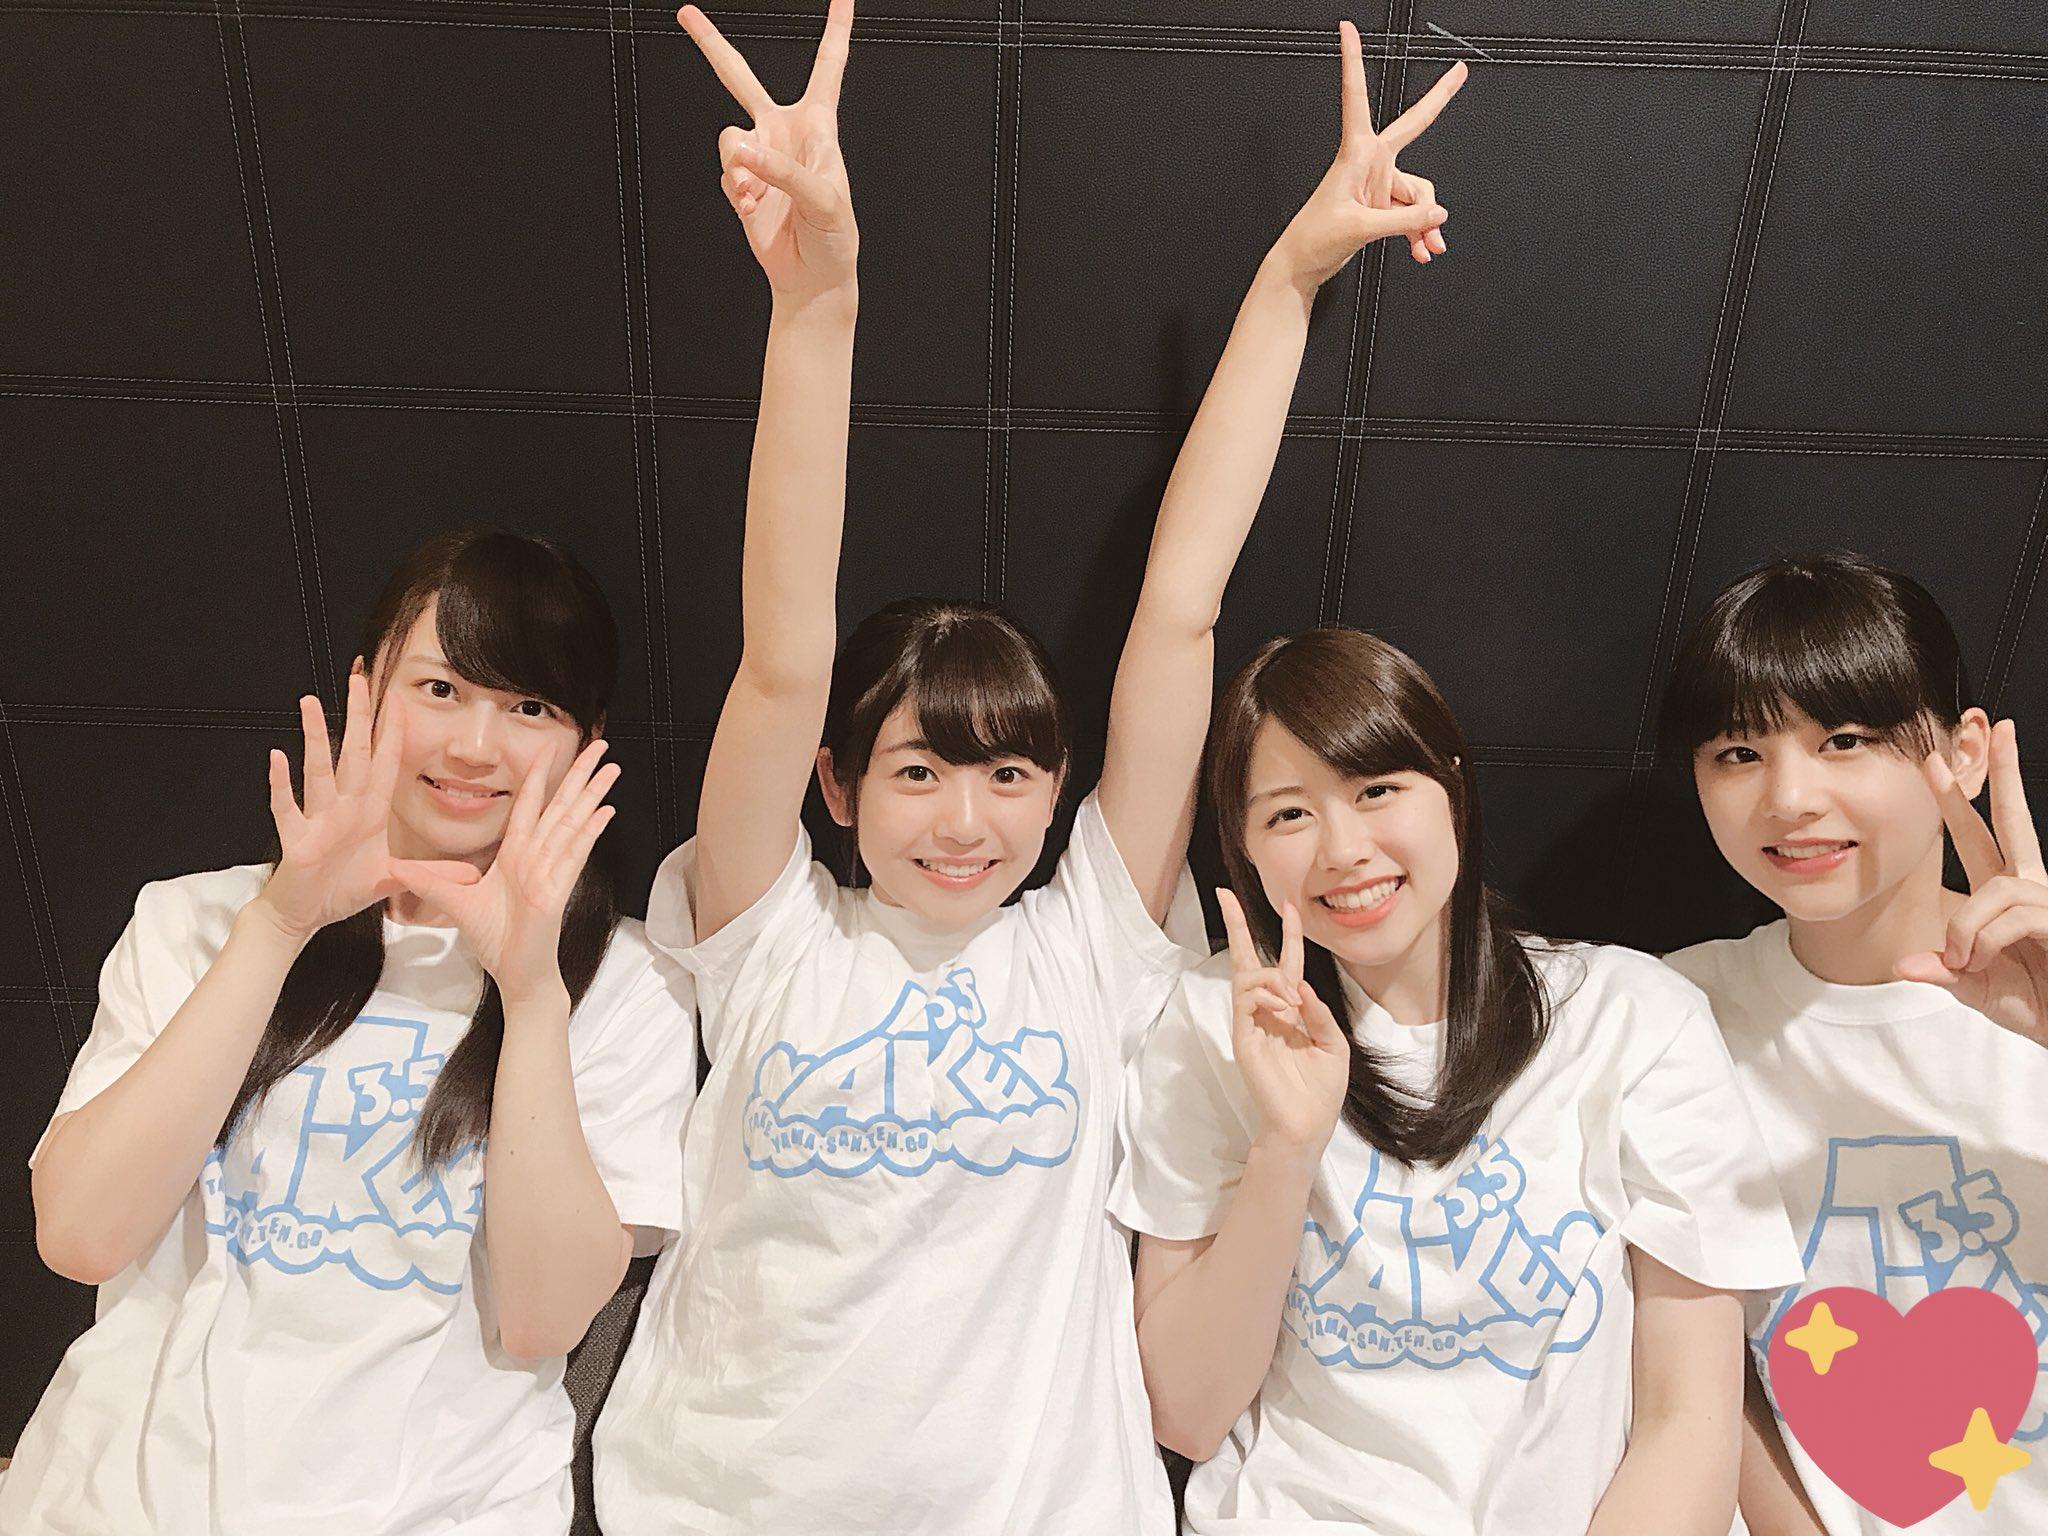 """たけやま3.5 GIRL'SBAND TAKEYAMA3.5 公式 On Twitter: """"#たけやま3.5 8"""